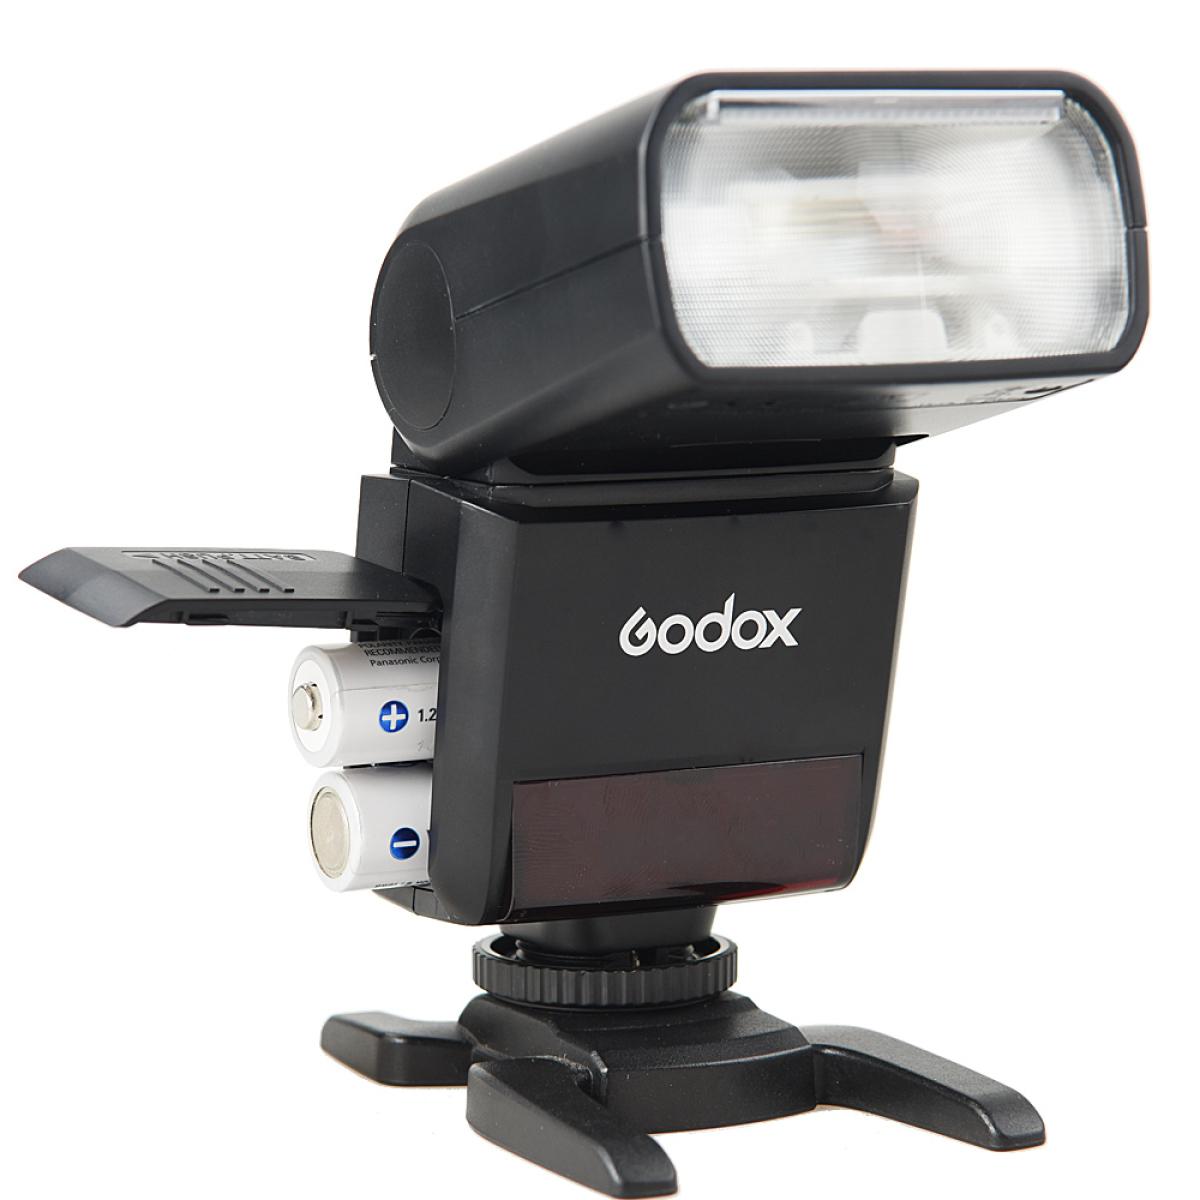 15% Rabatt auf alles von Godox bei Foto Leistenschneider - z.B. Godox TT350 MFT Aufsteckblitz